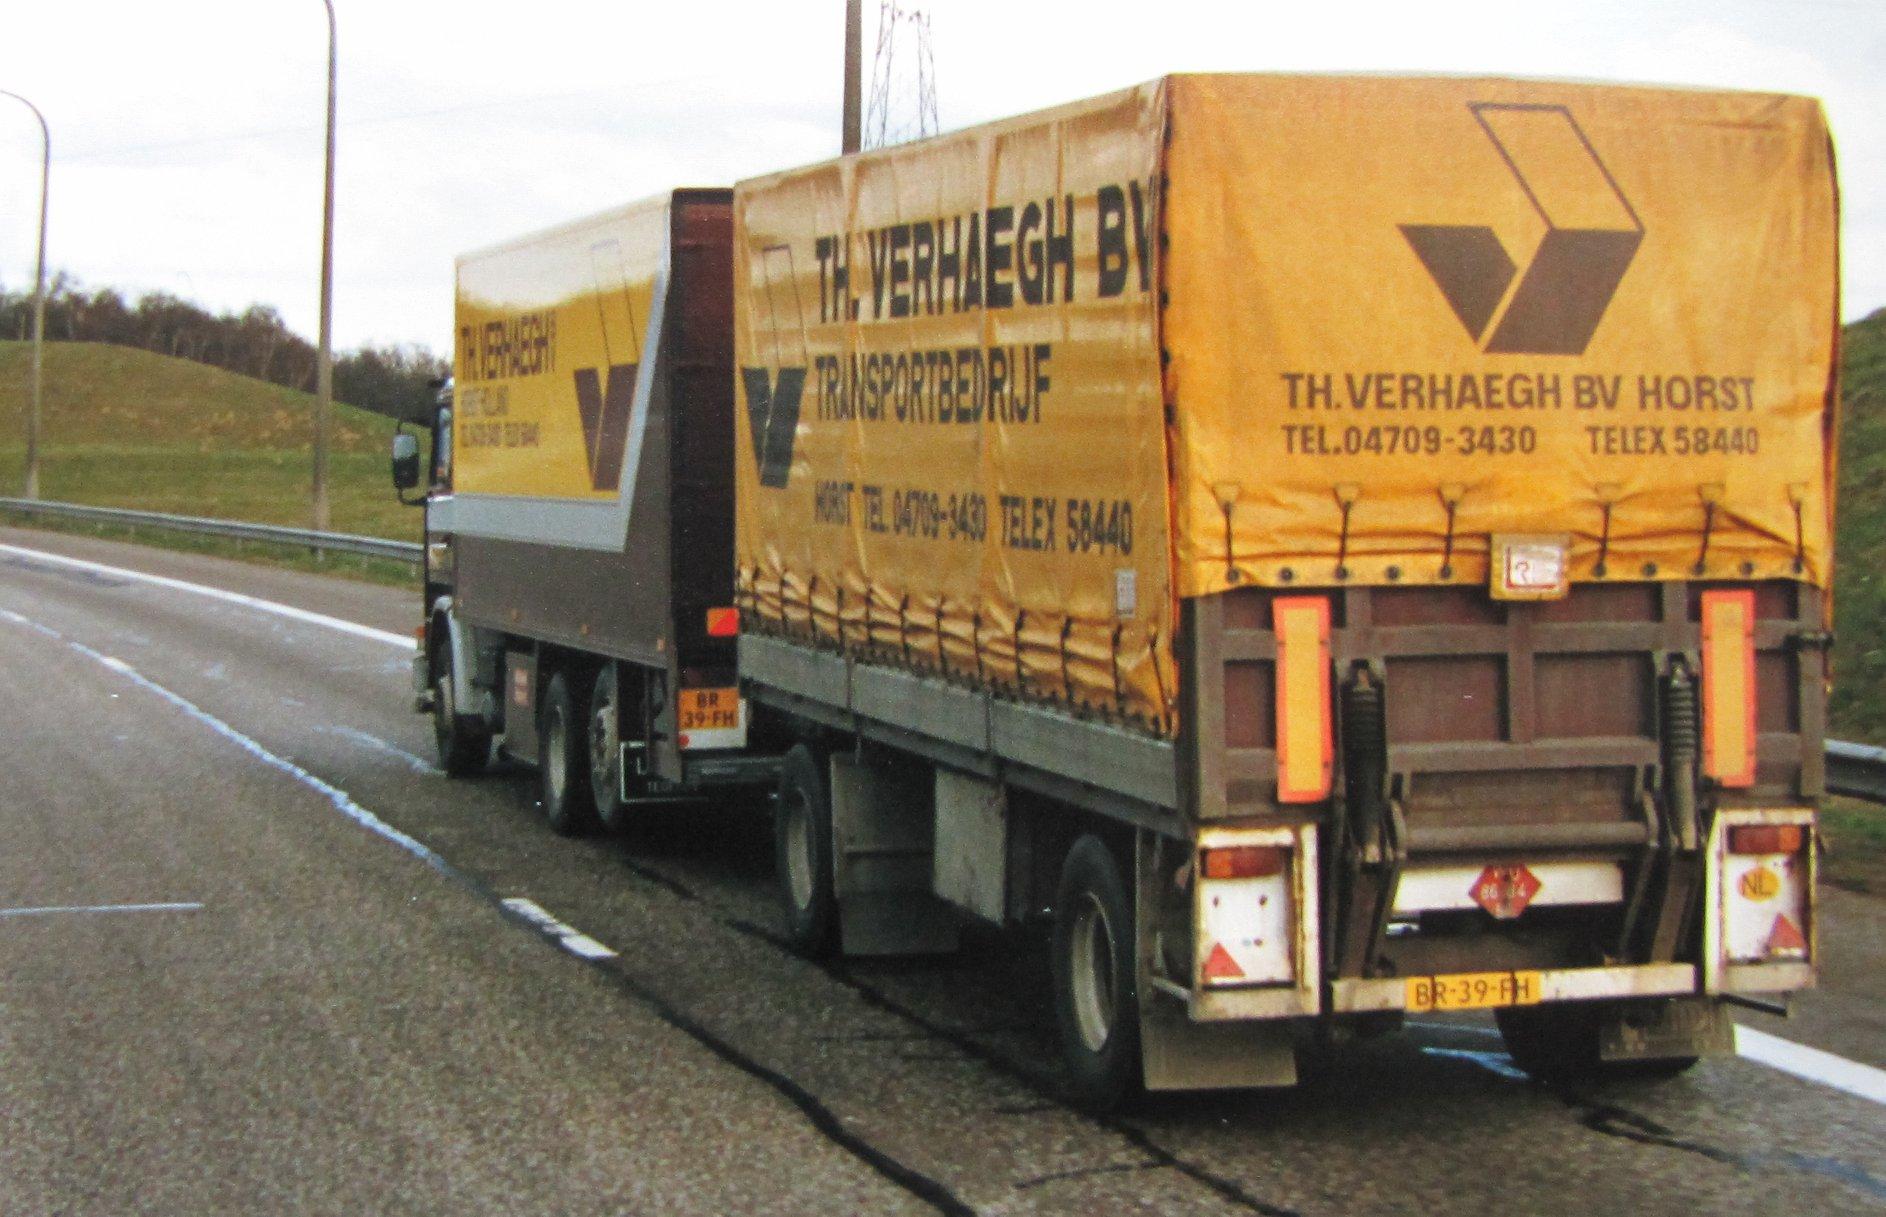 Kees-van-de-Hoven-